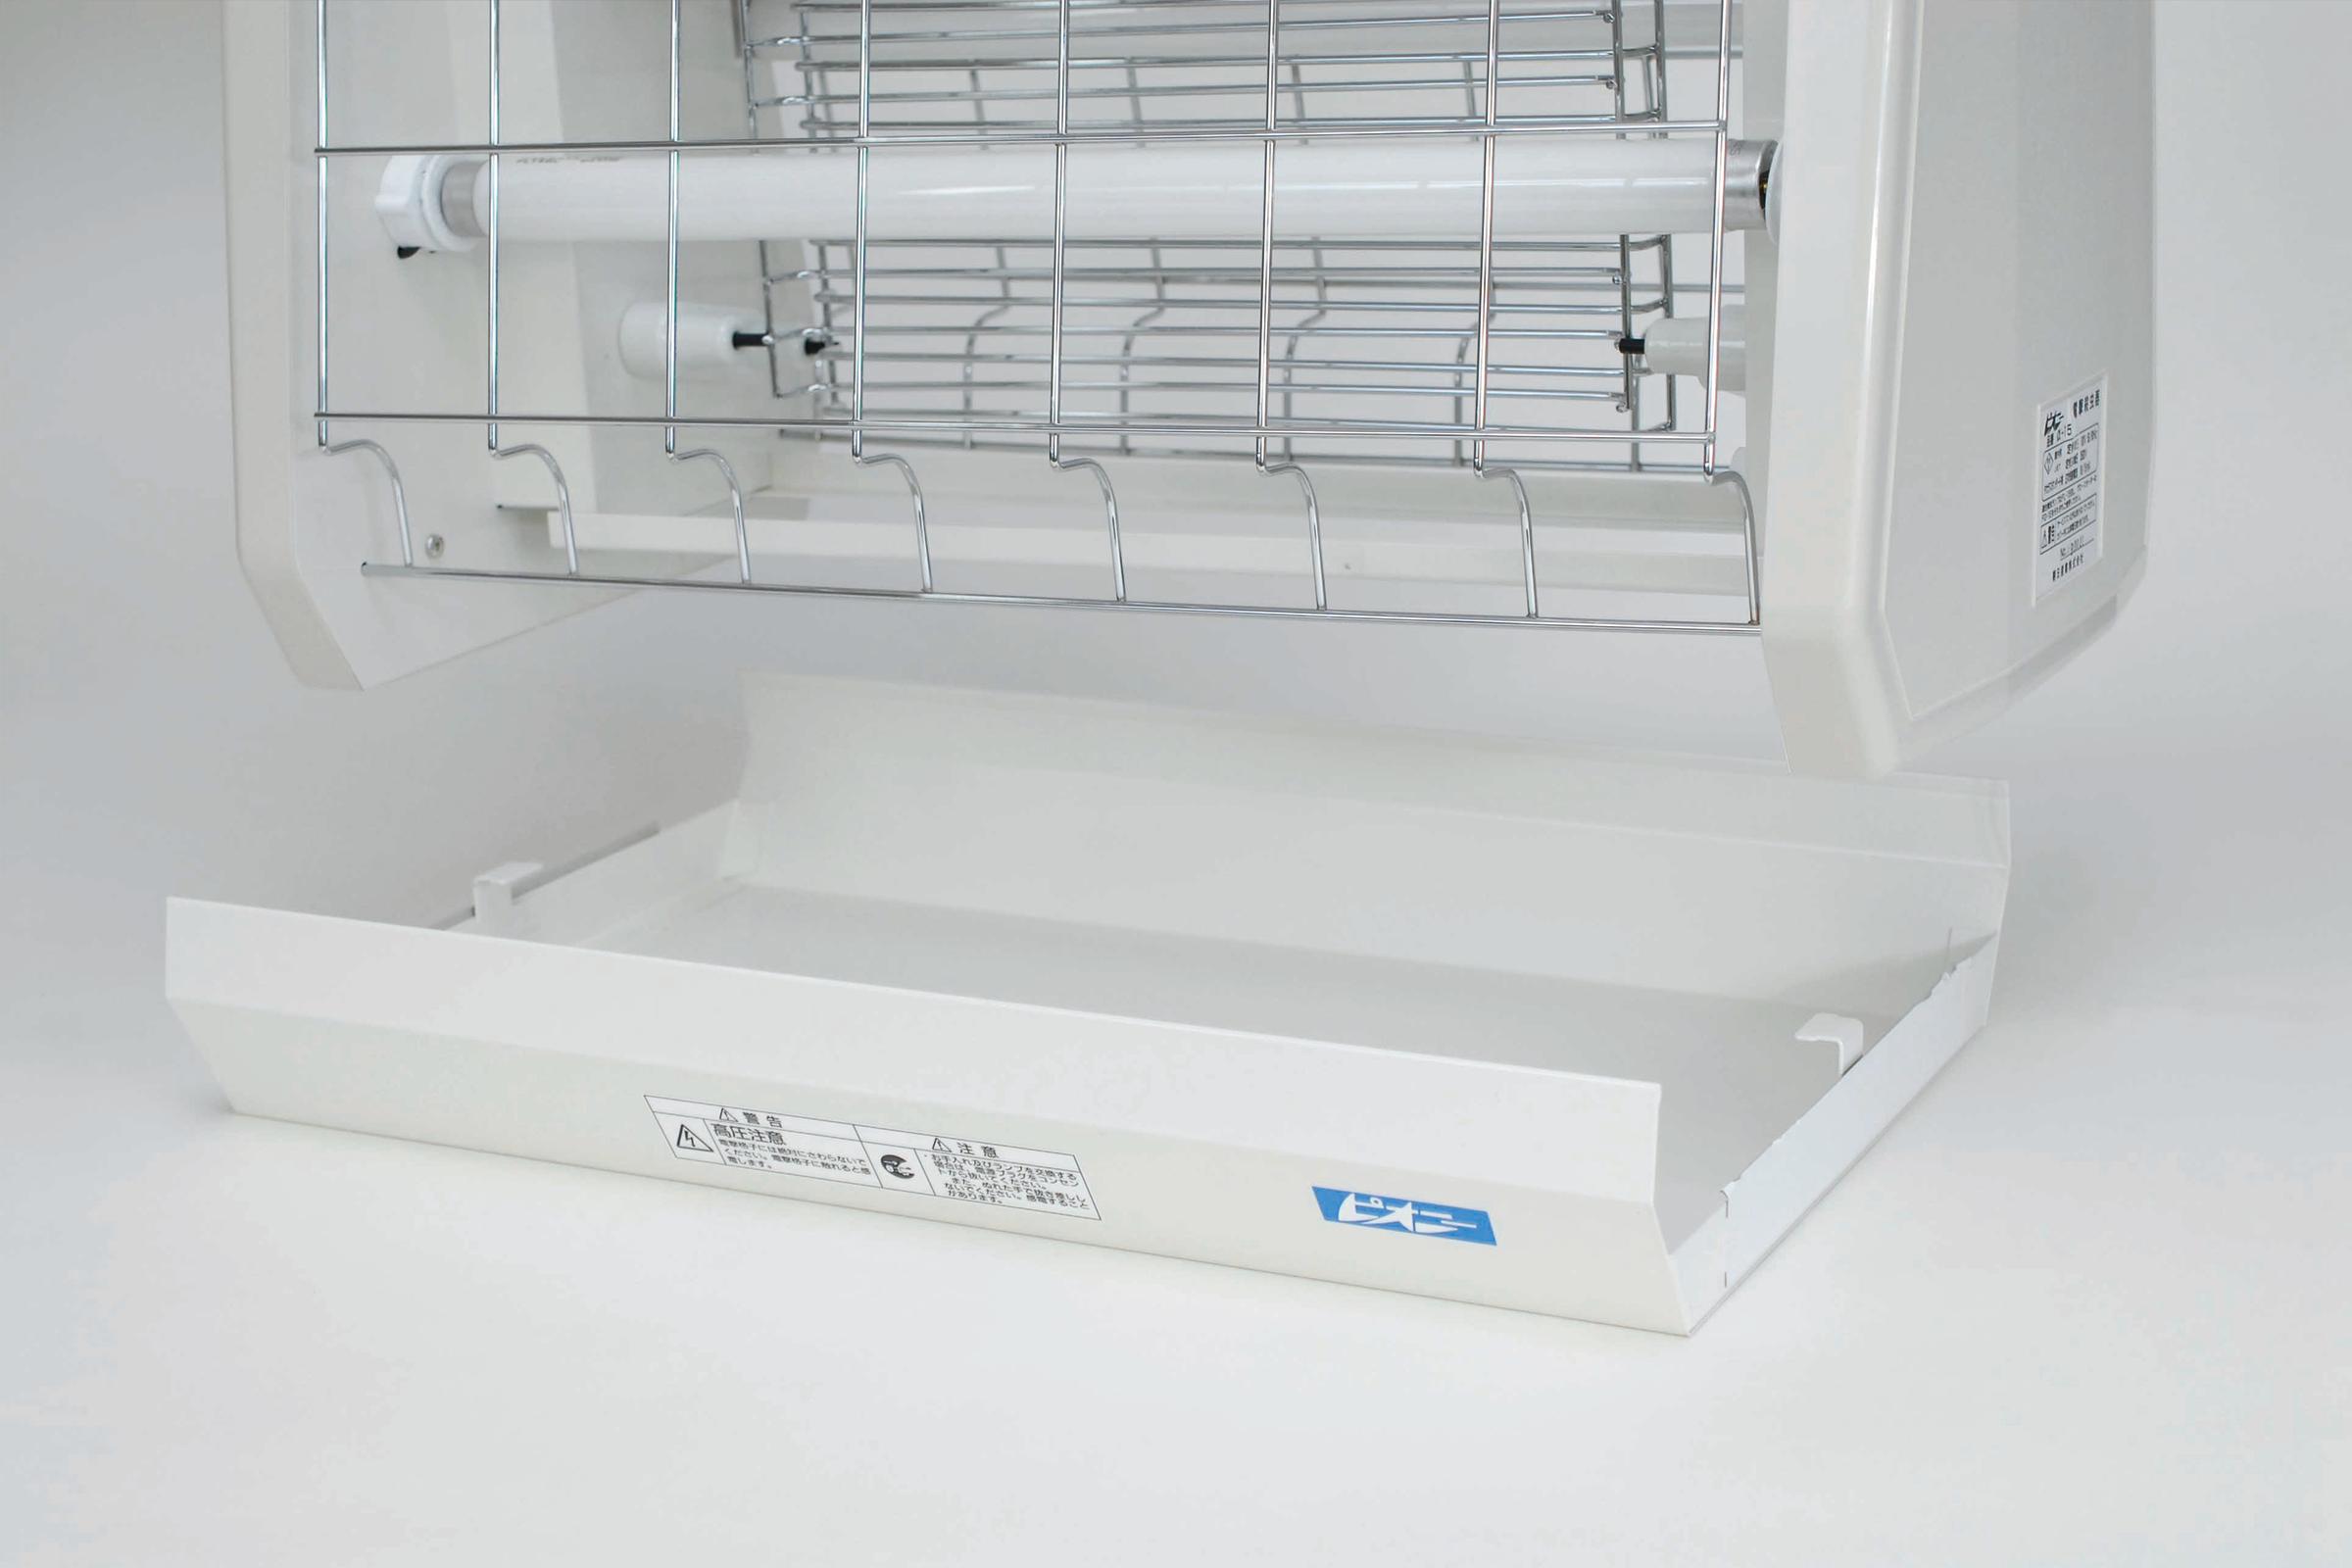 虫受皿はスライドして取り外すことができ、虫の死骸の処理が簡単に行えます。